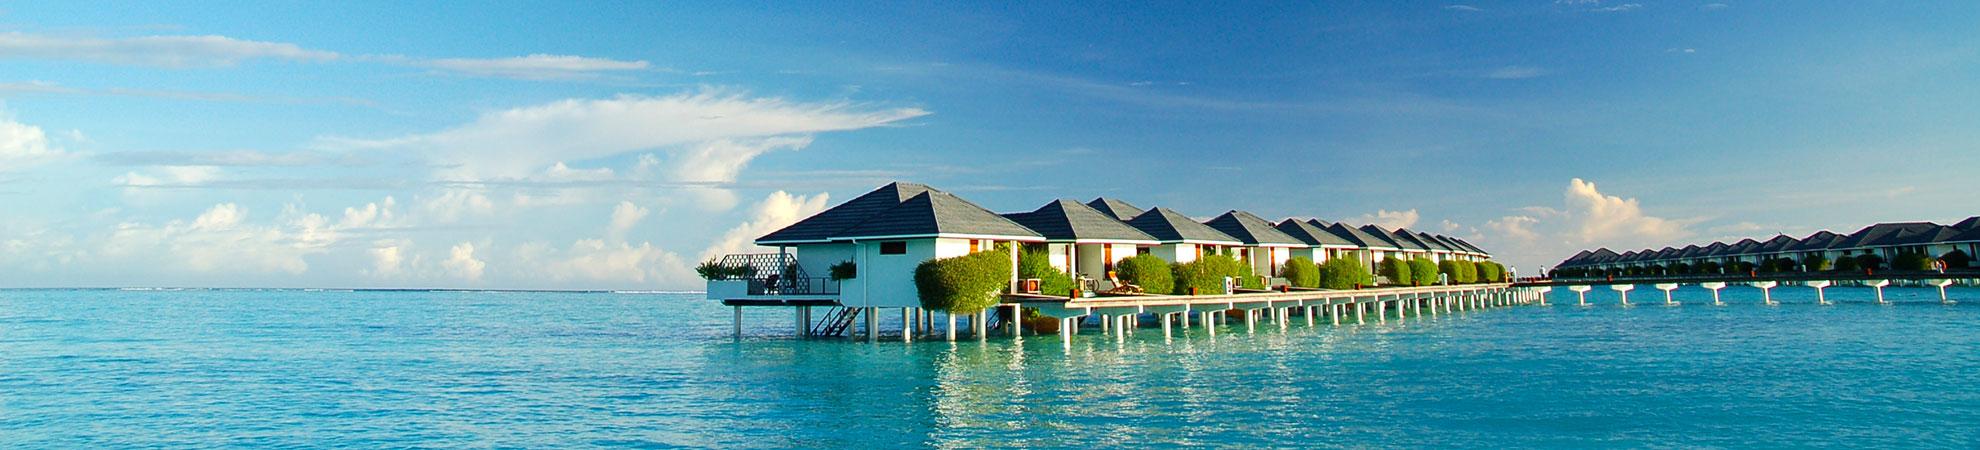 Votre séjour pas cher aux Maldives